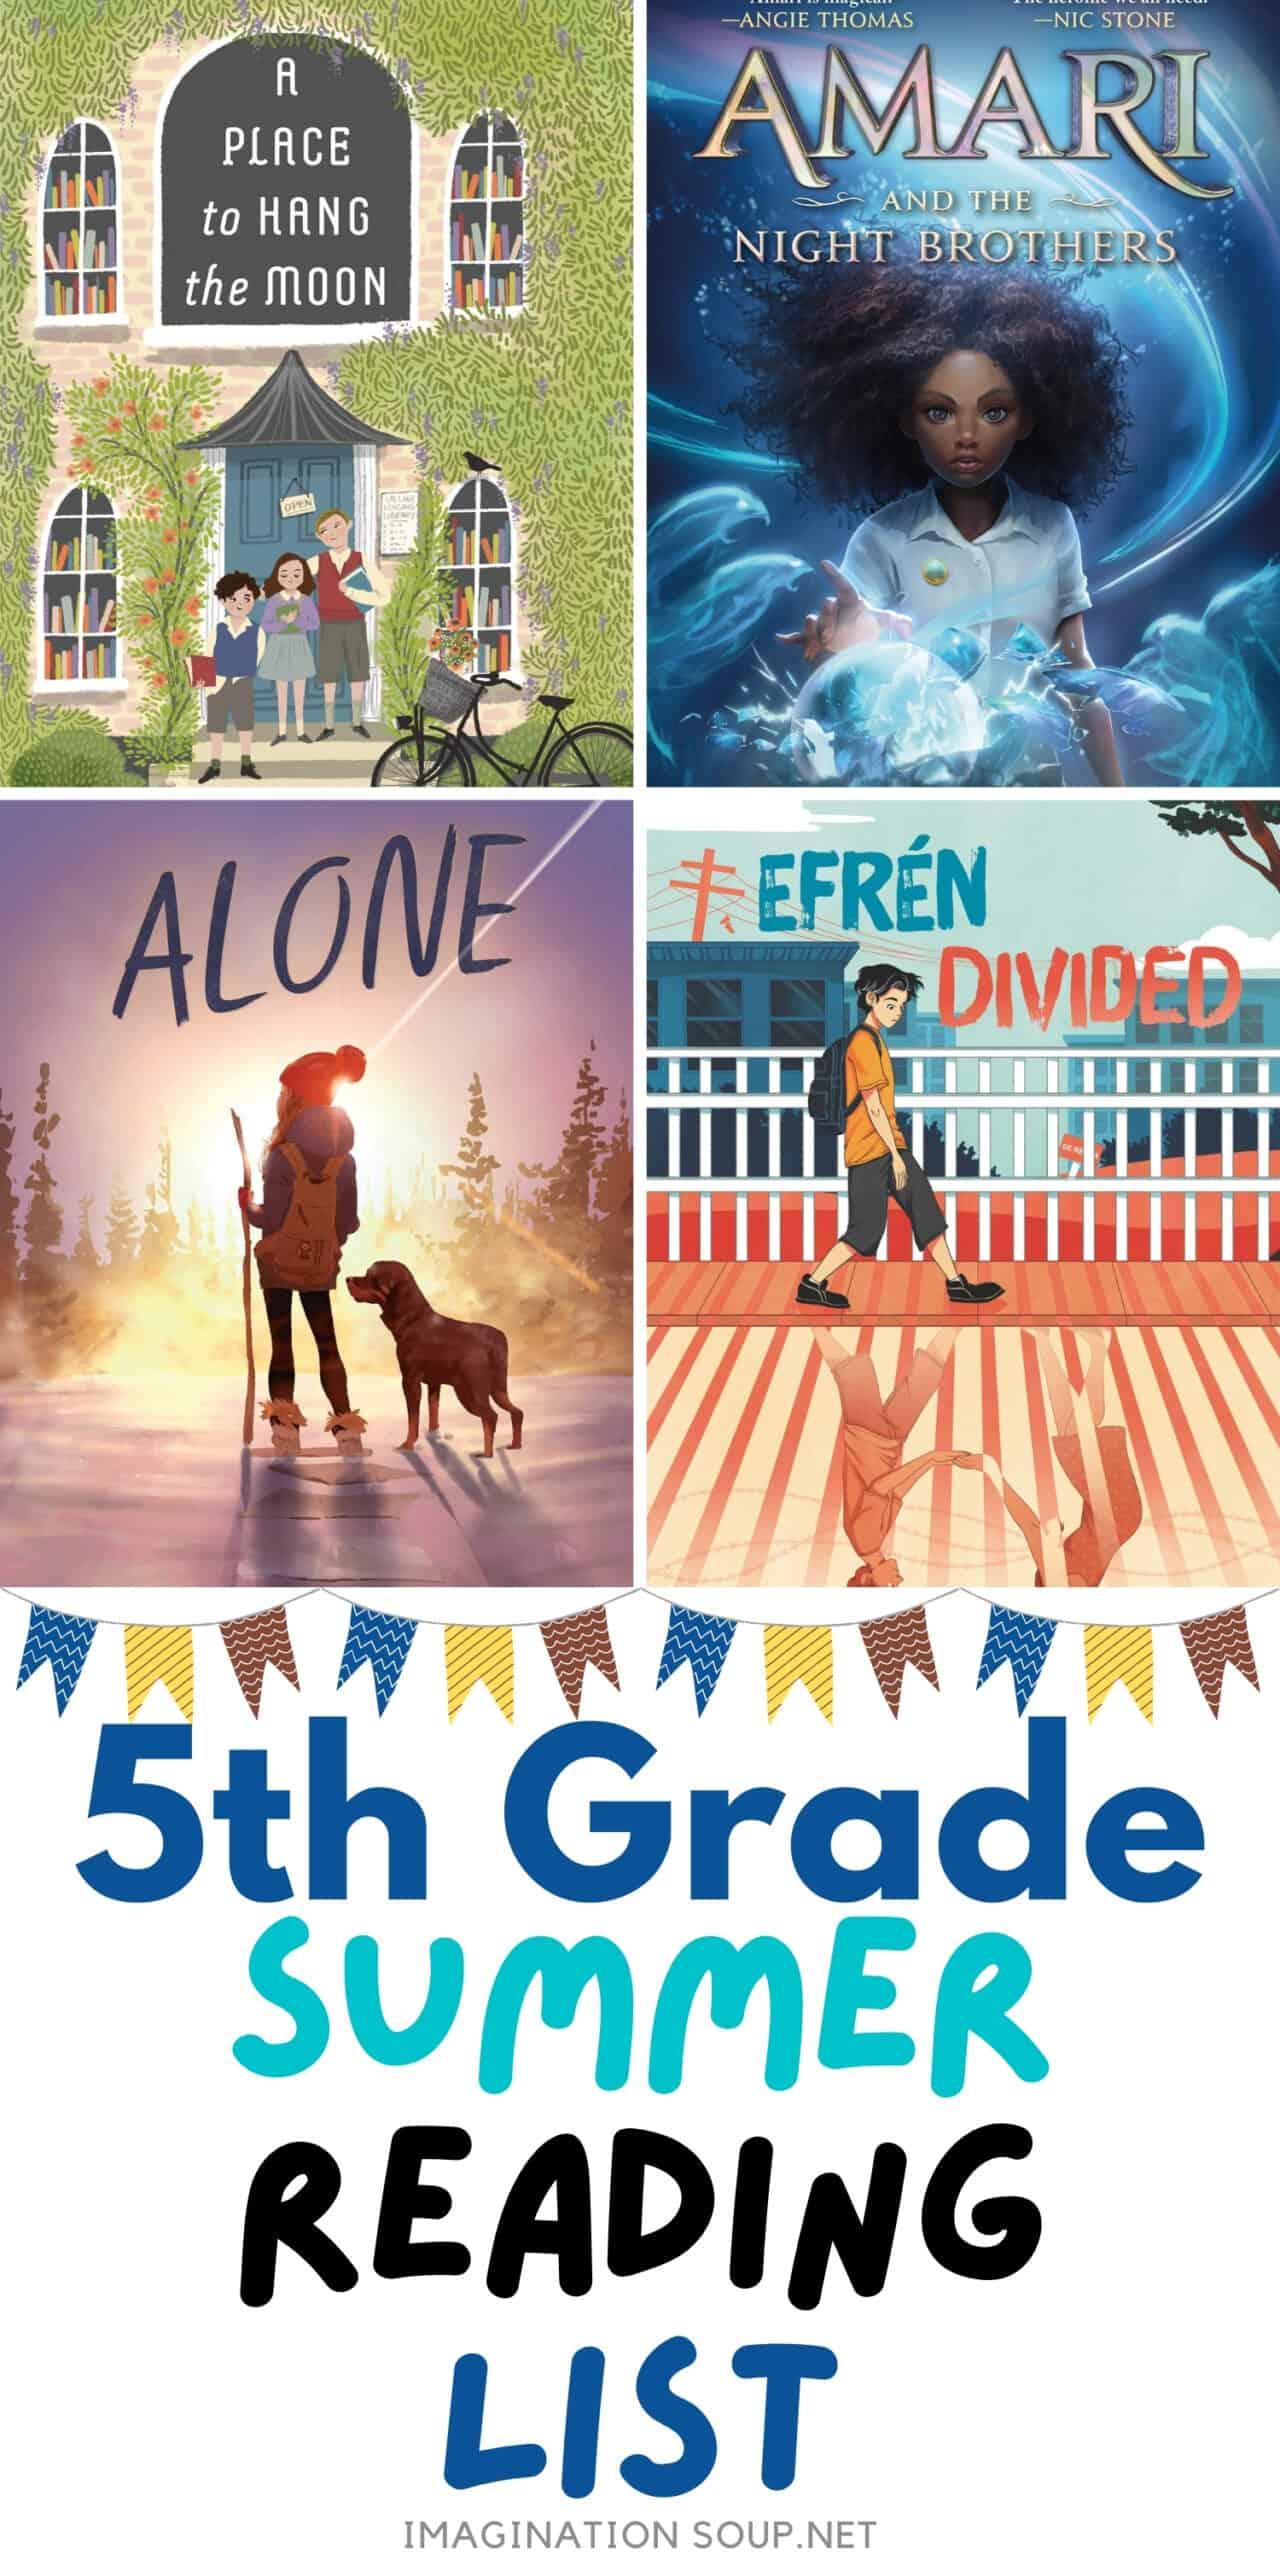 5th Grade Summer Reading Book List